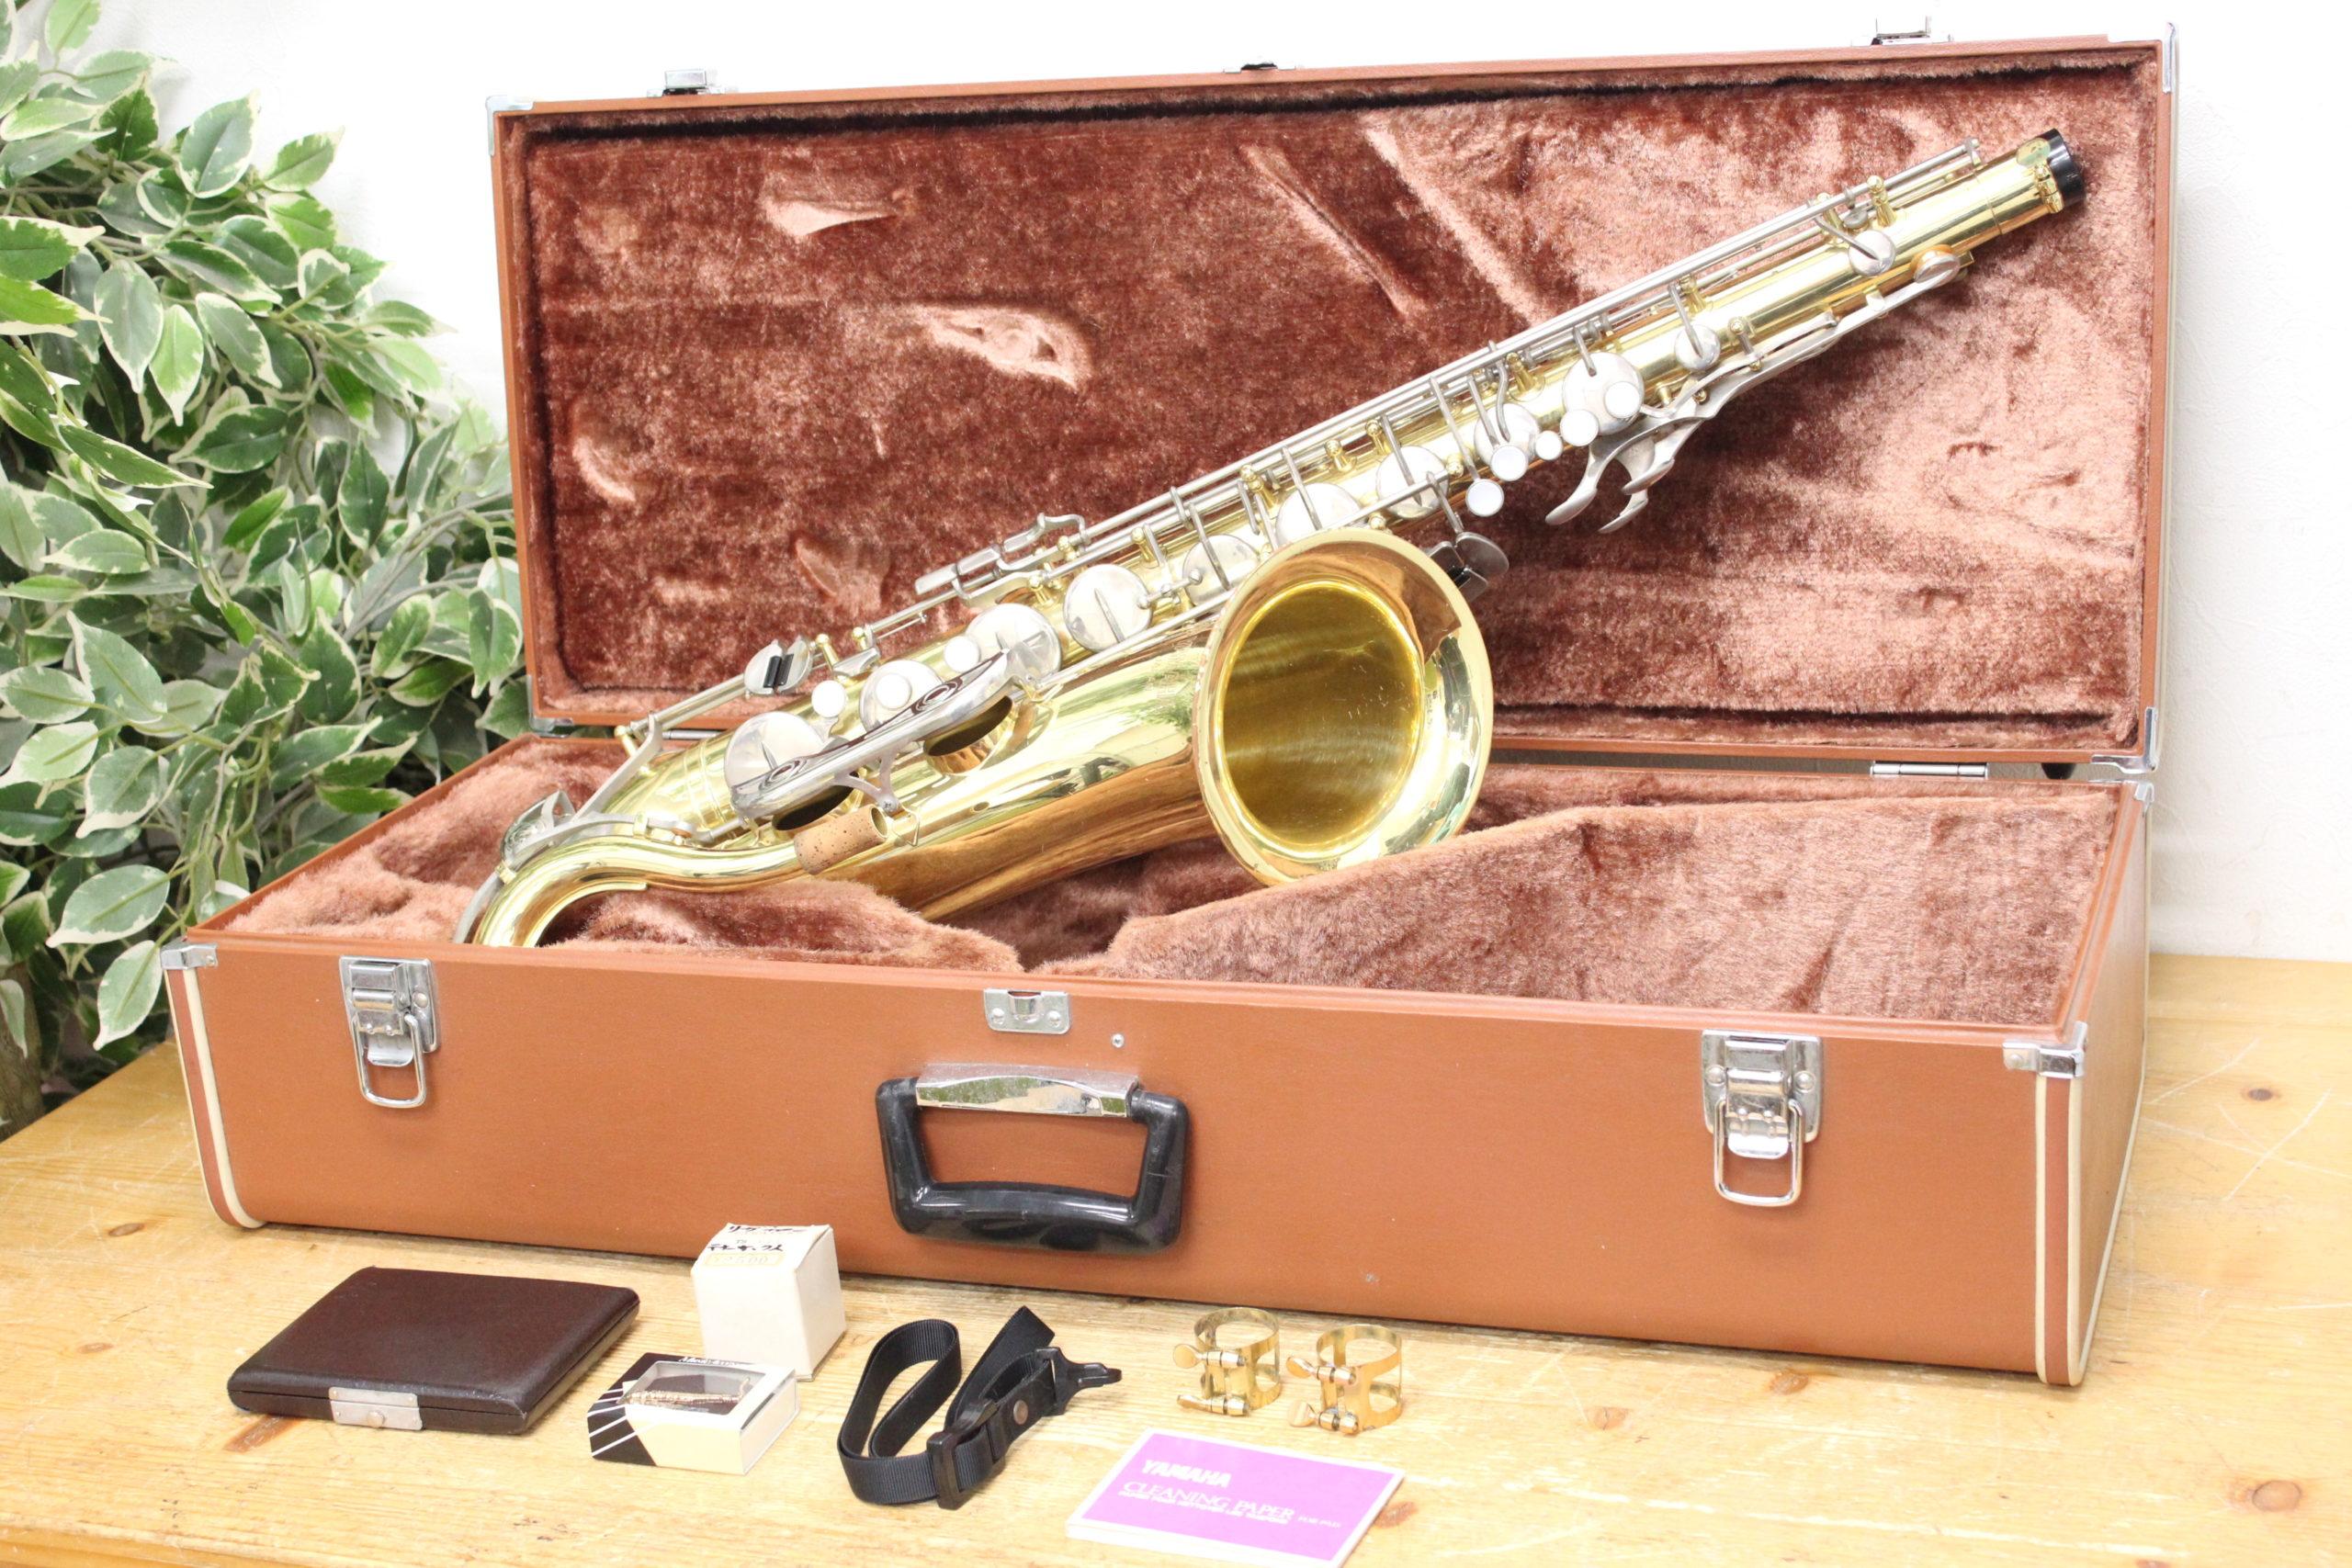 (福岡市早良区)YAMAHA/ヤマハ テナーサックス YTS-23 楽器の買取もお任せ下さい♪の買取-